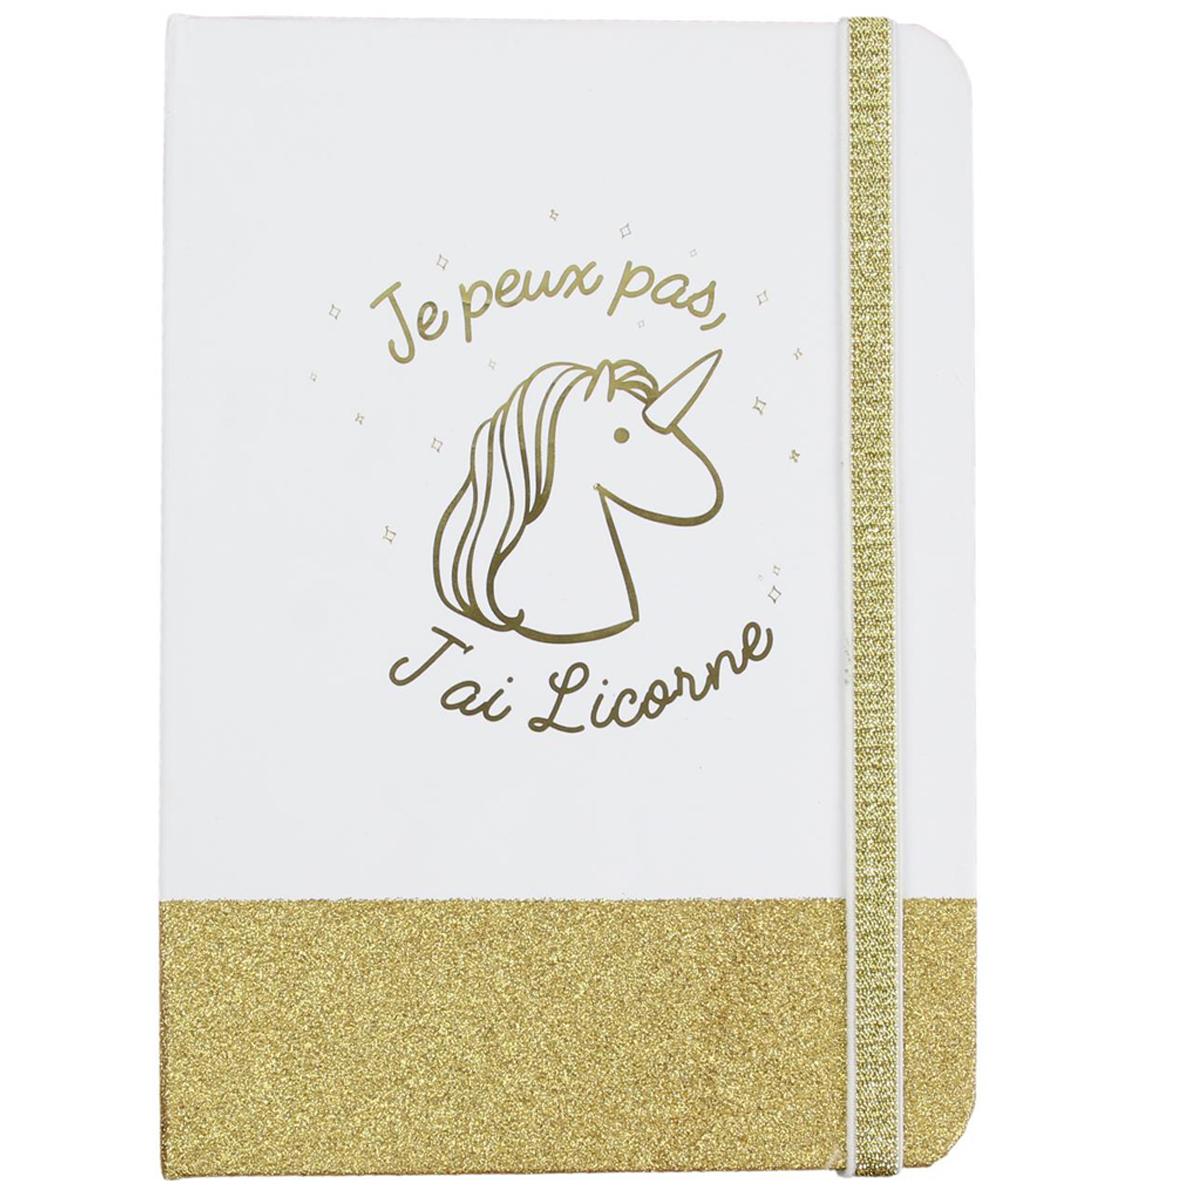 Carnet A5 \'Licorne My Unicorn\' blanc doré (Je peux pas, j\'ai Licorne) - 21x15 cm - [Q3621]